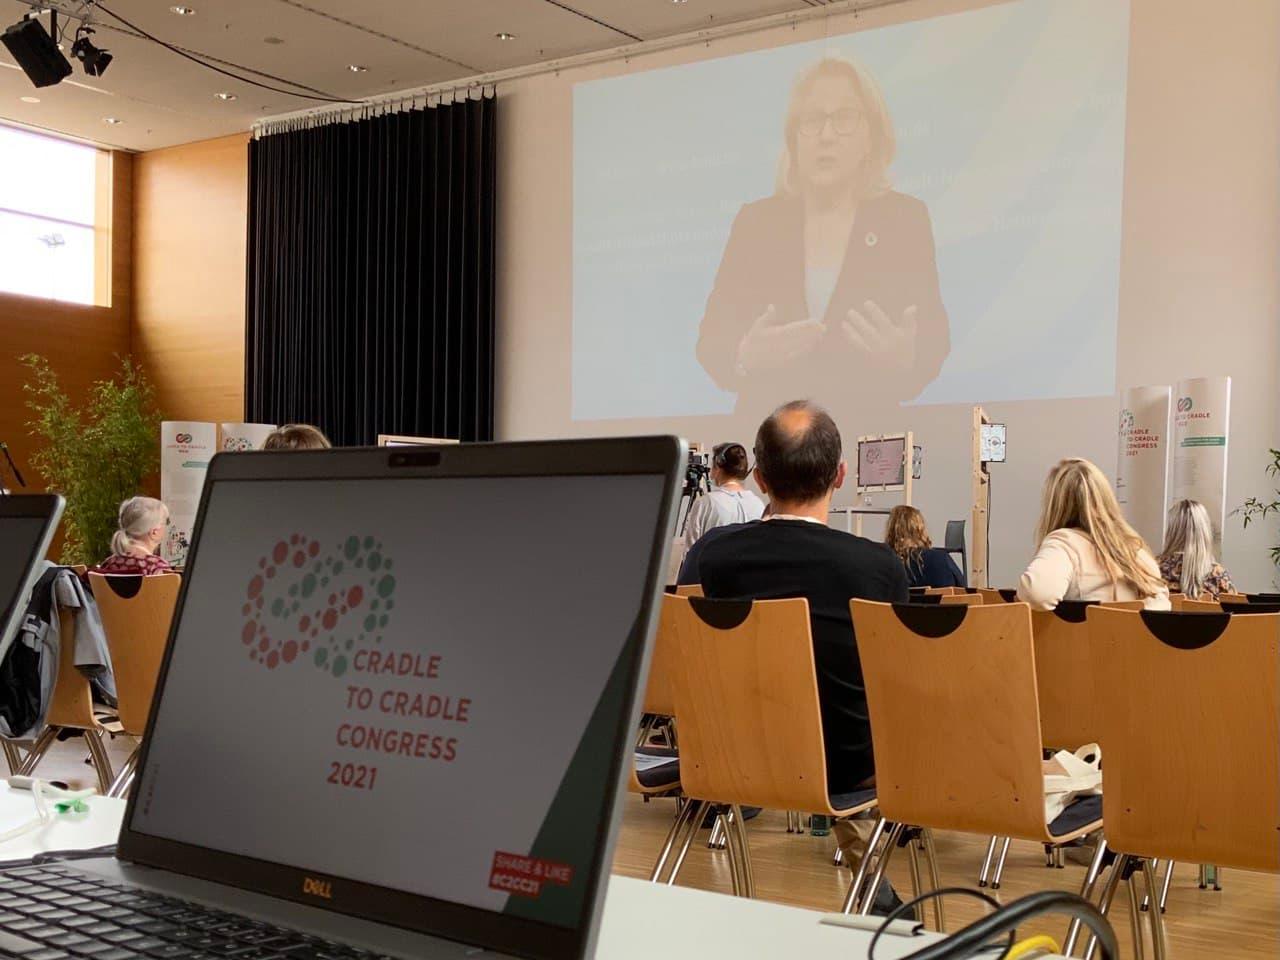 Bundesumweltministerin Svenja Schulze beim Cradle to Cradle Congress 2021